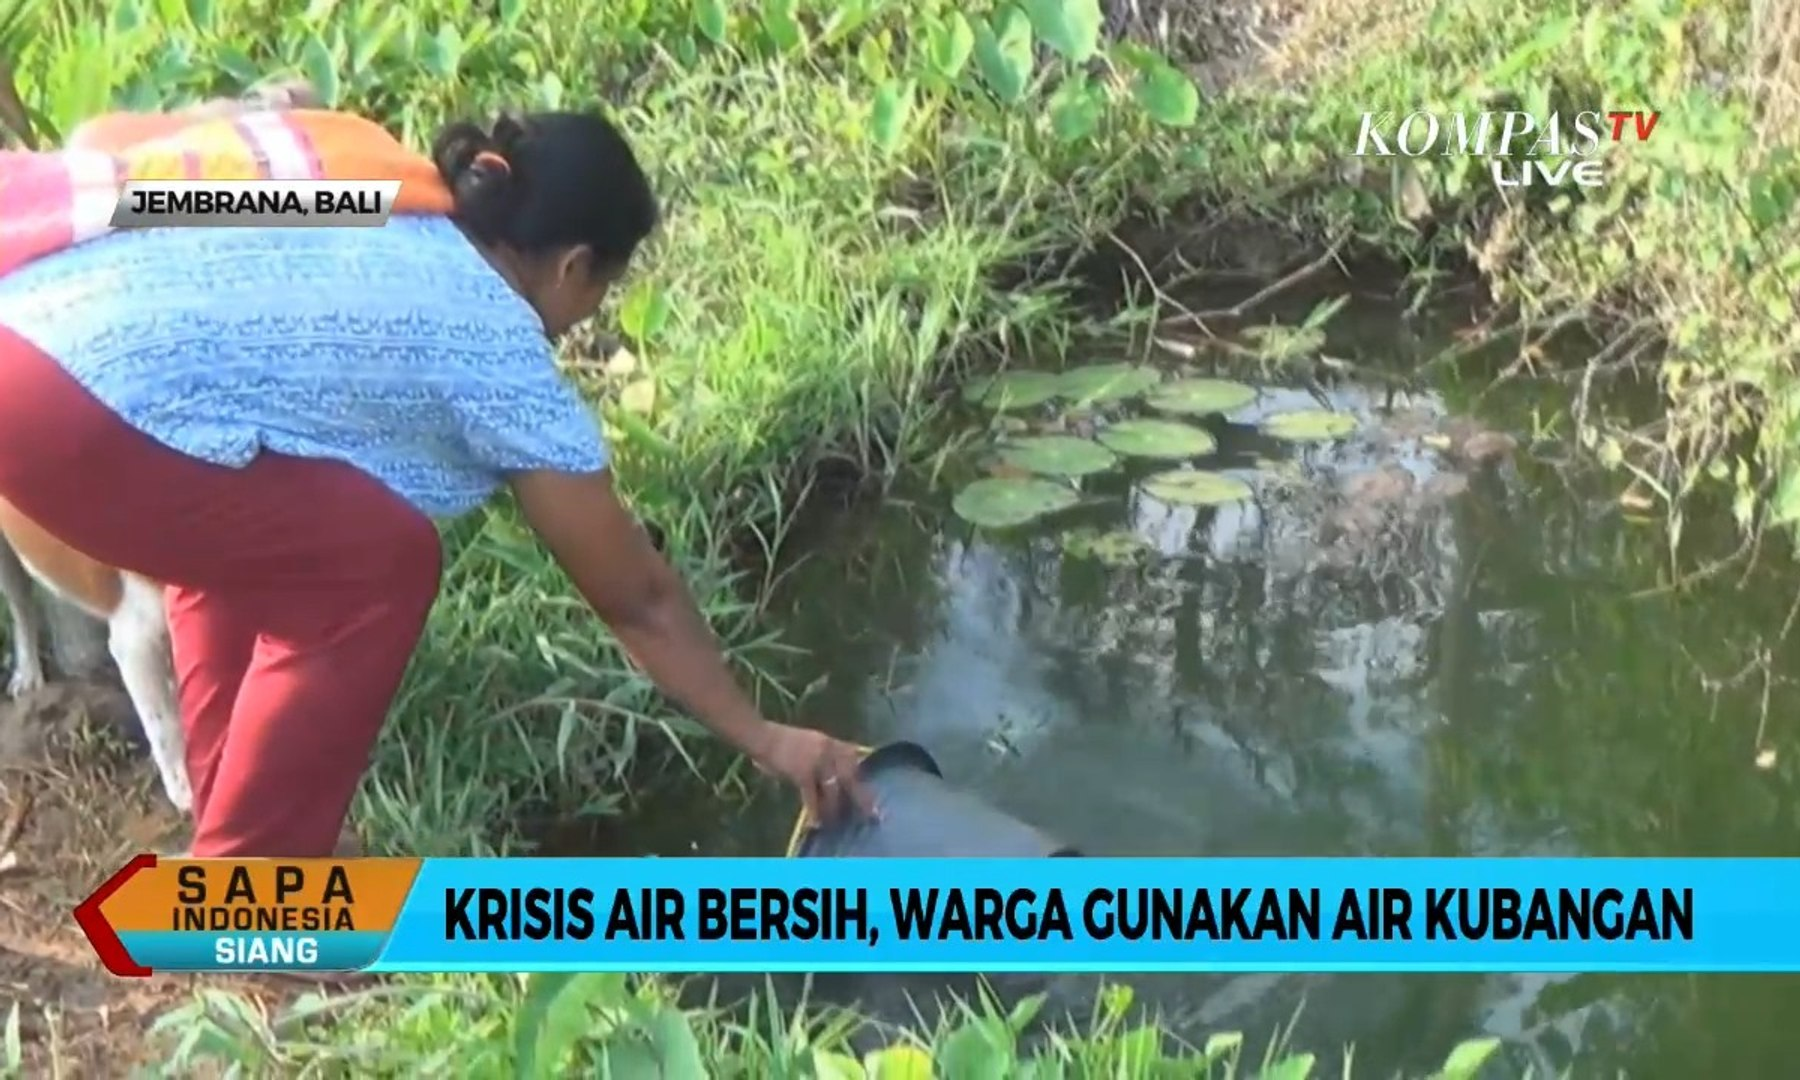 Krisis Air Bersih, Warga Gunakan Air Kubangan